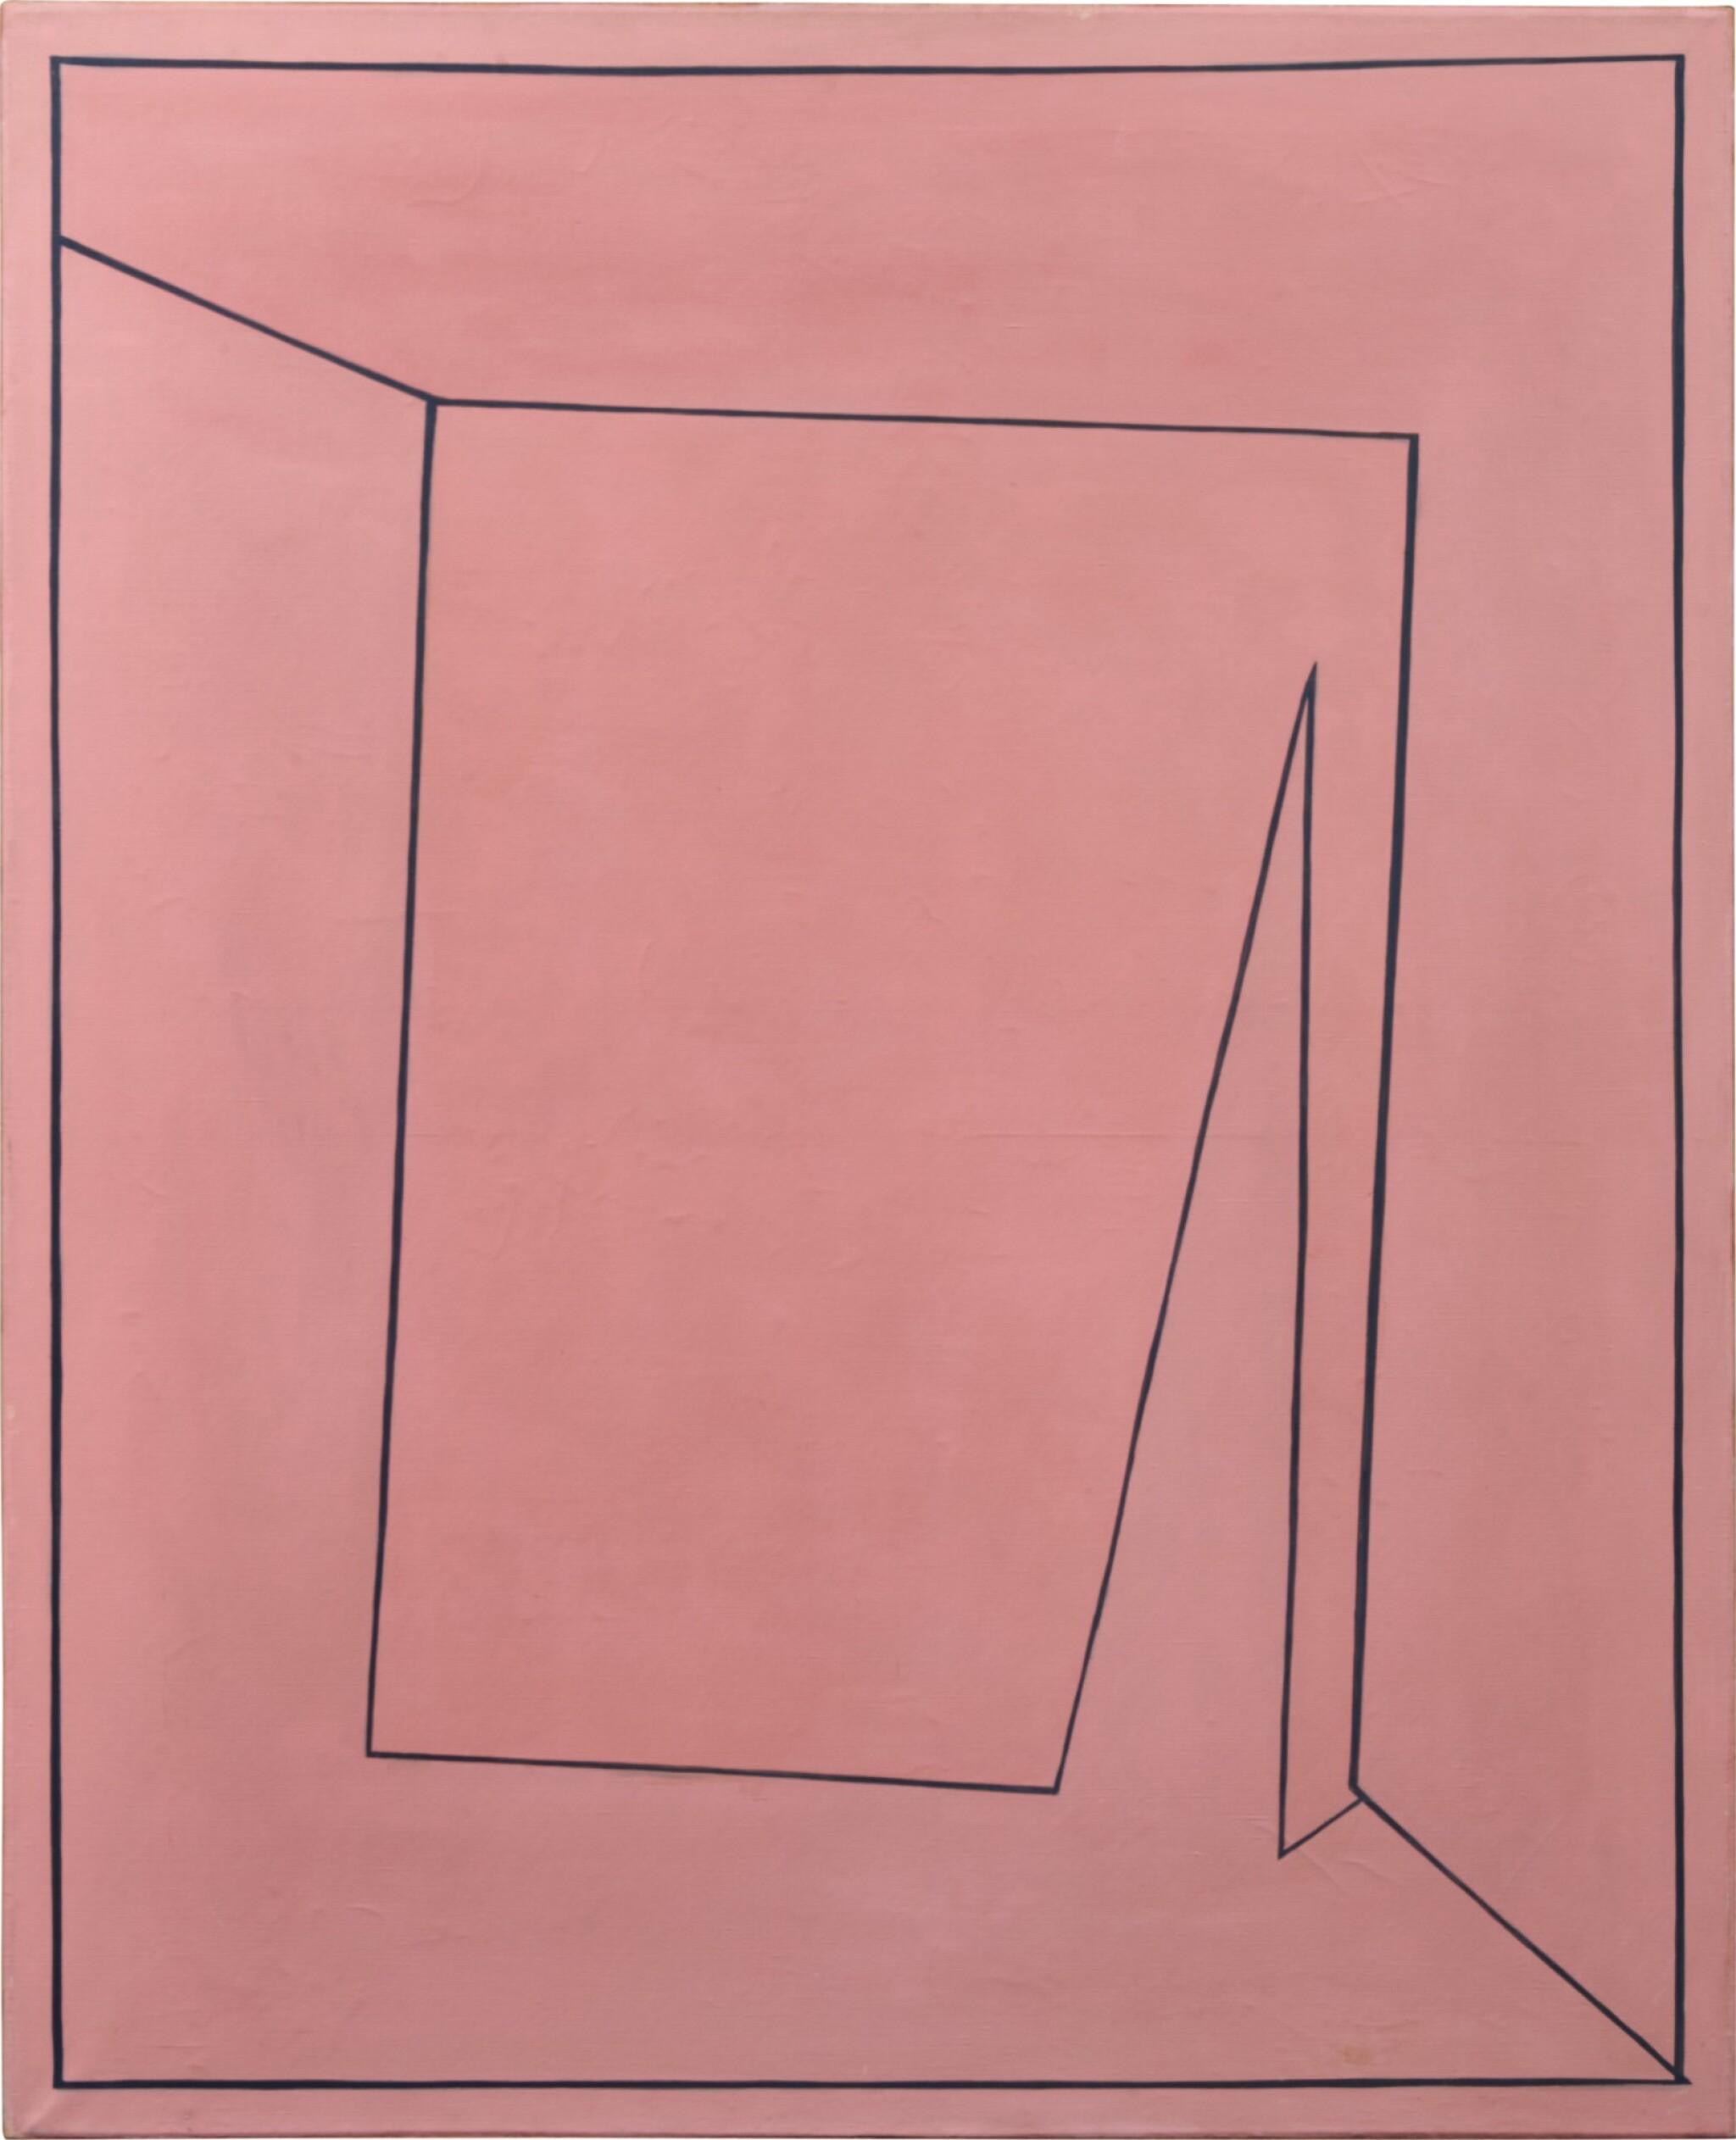 View full screen - View 1 of Lot 2. Tout rose (peinture rectangulaire représentant un carré perspectiviste qui a la rougeolle), 1955.